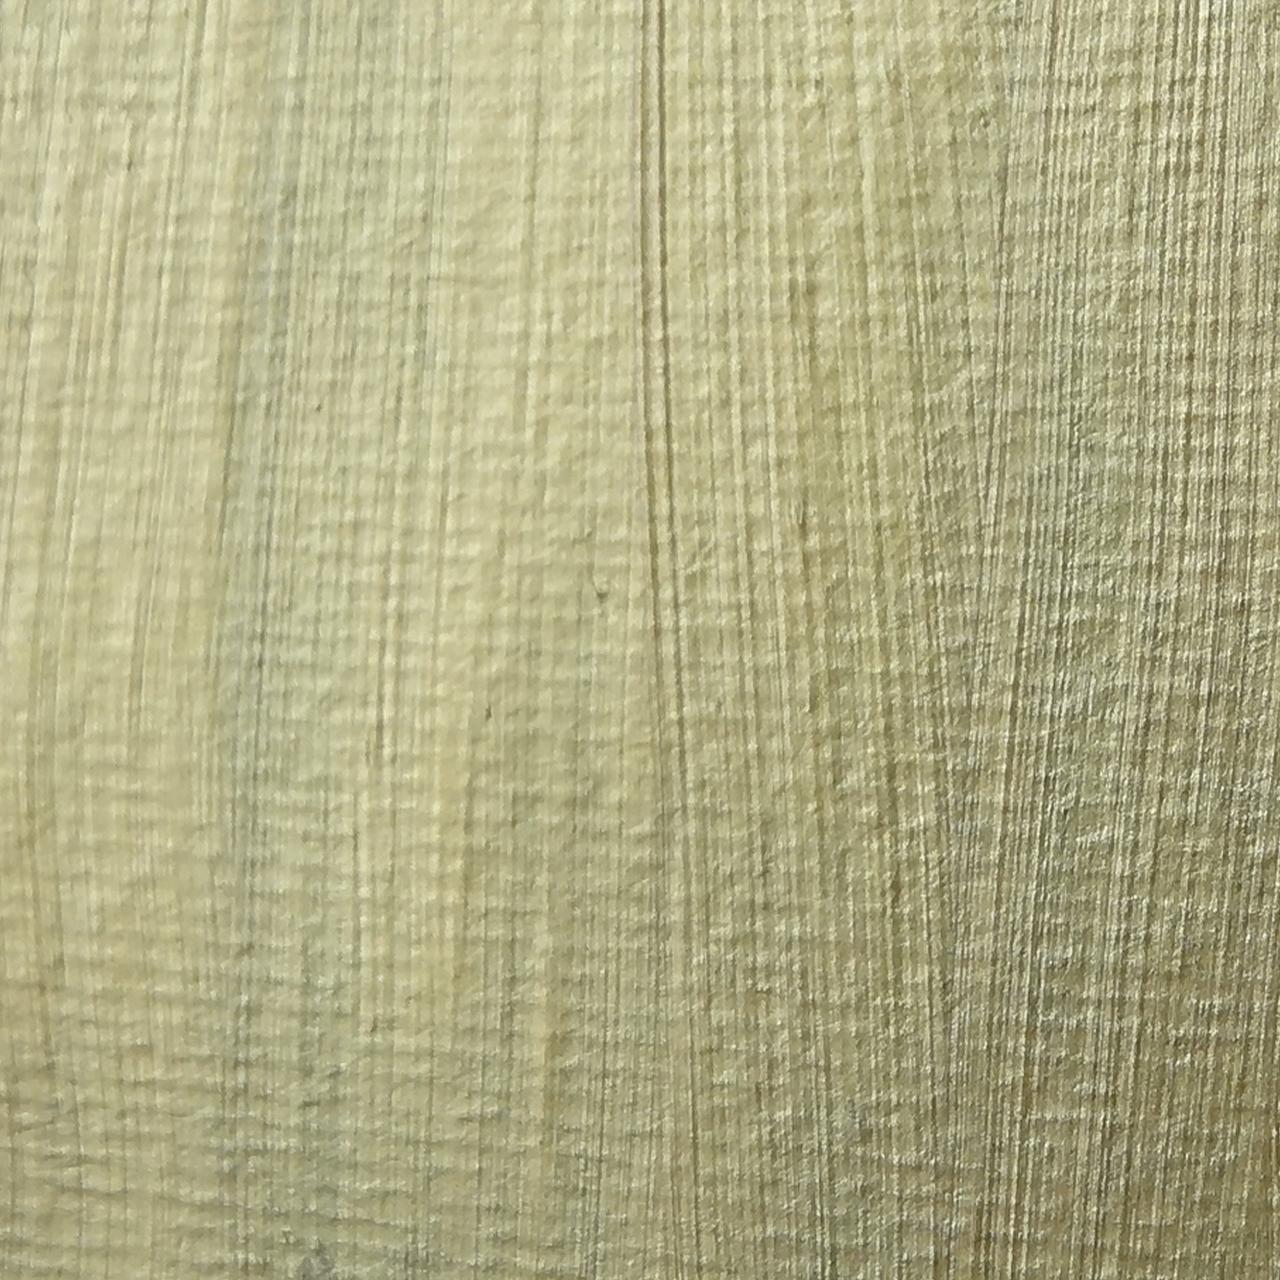 Декоративная краска, Pearl and Metallic, золото, 50 мл, ScrapEgo